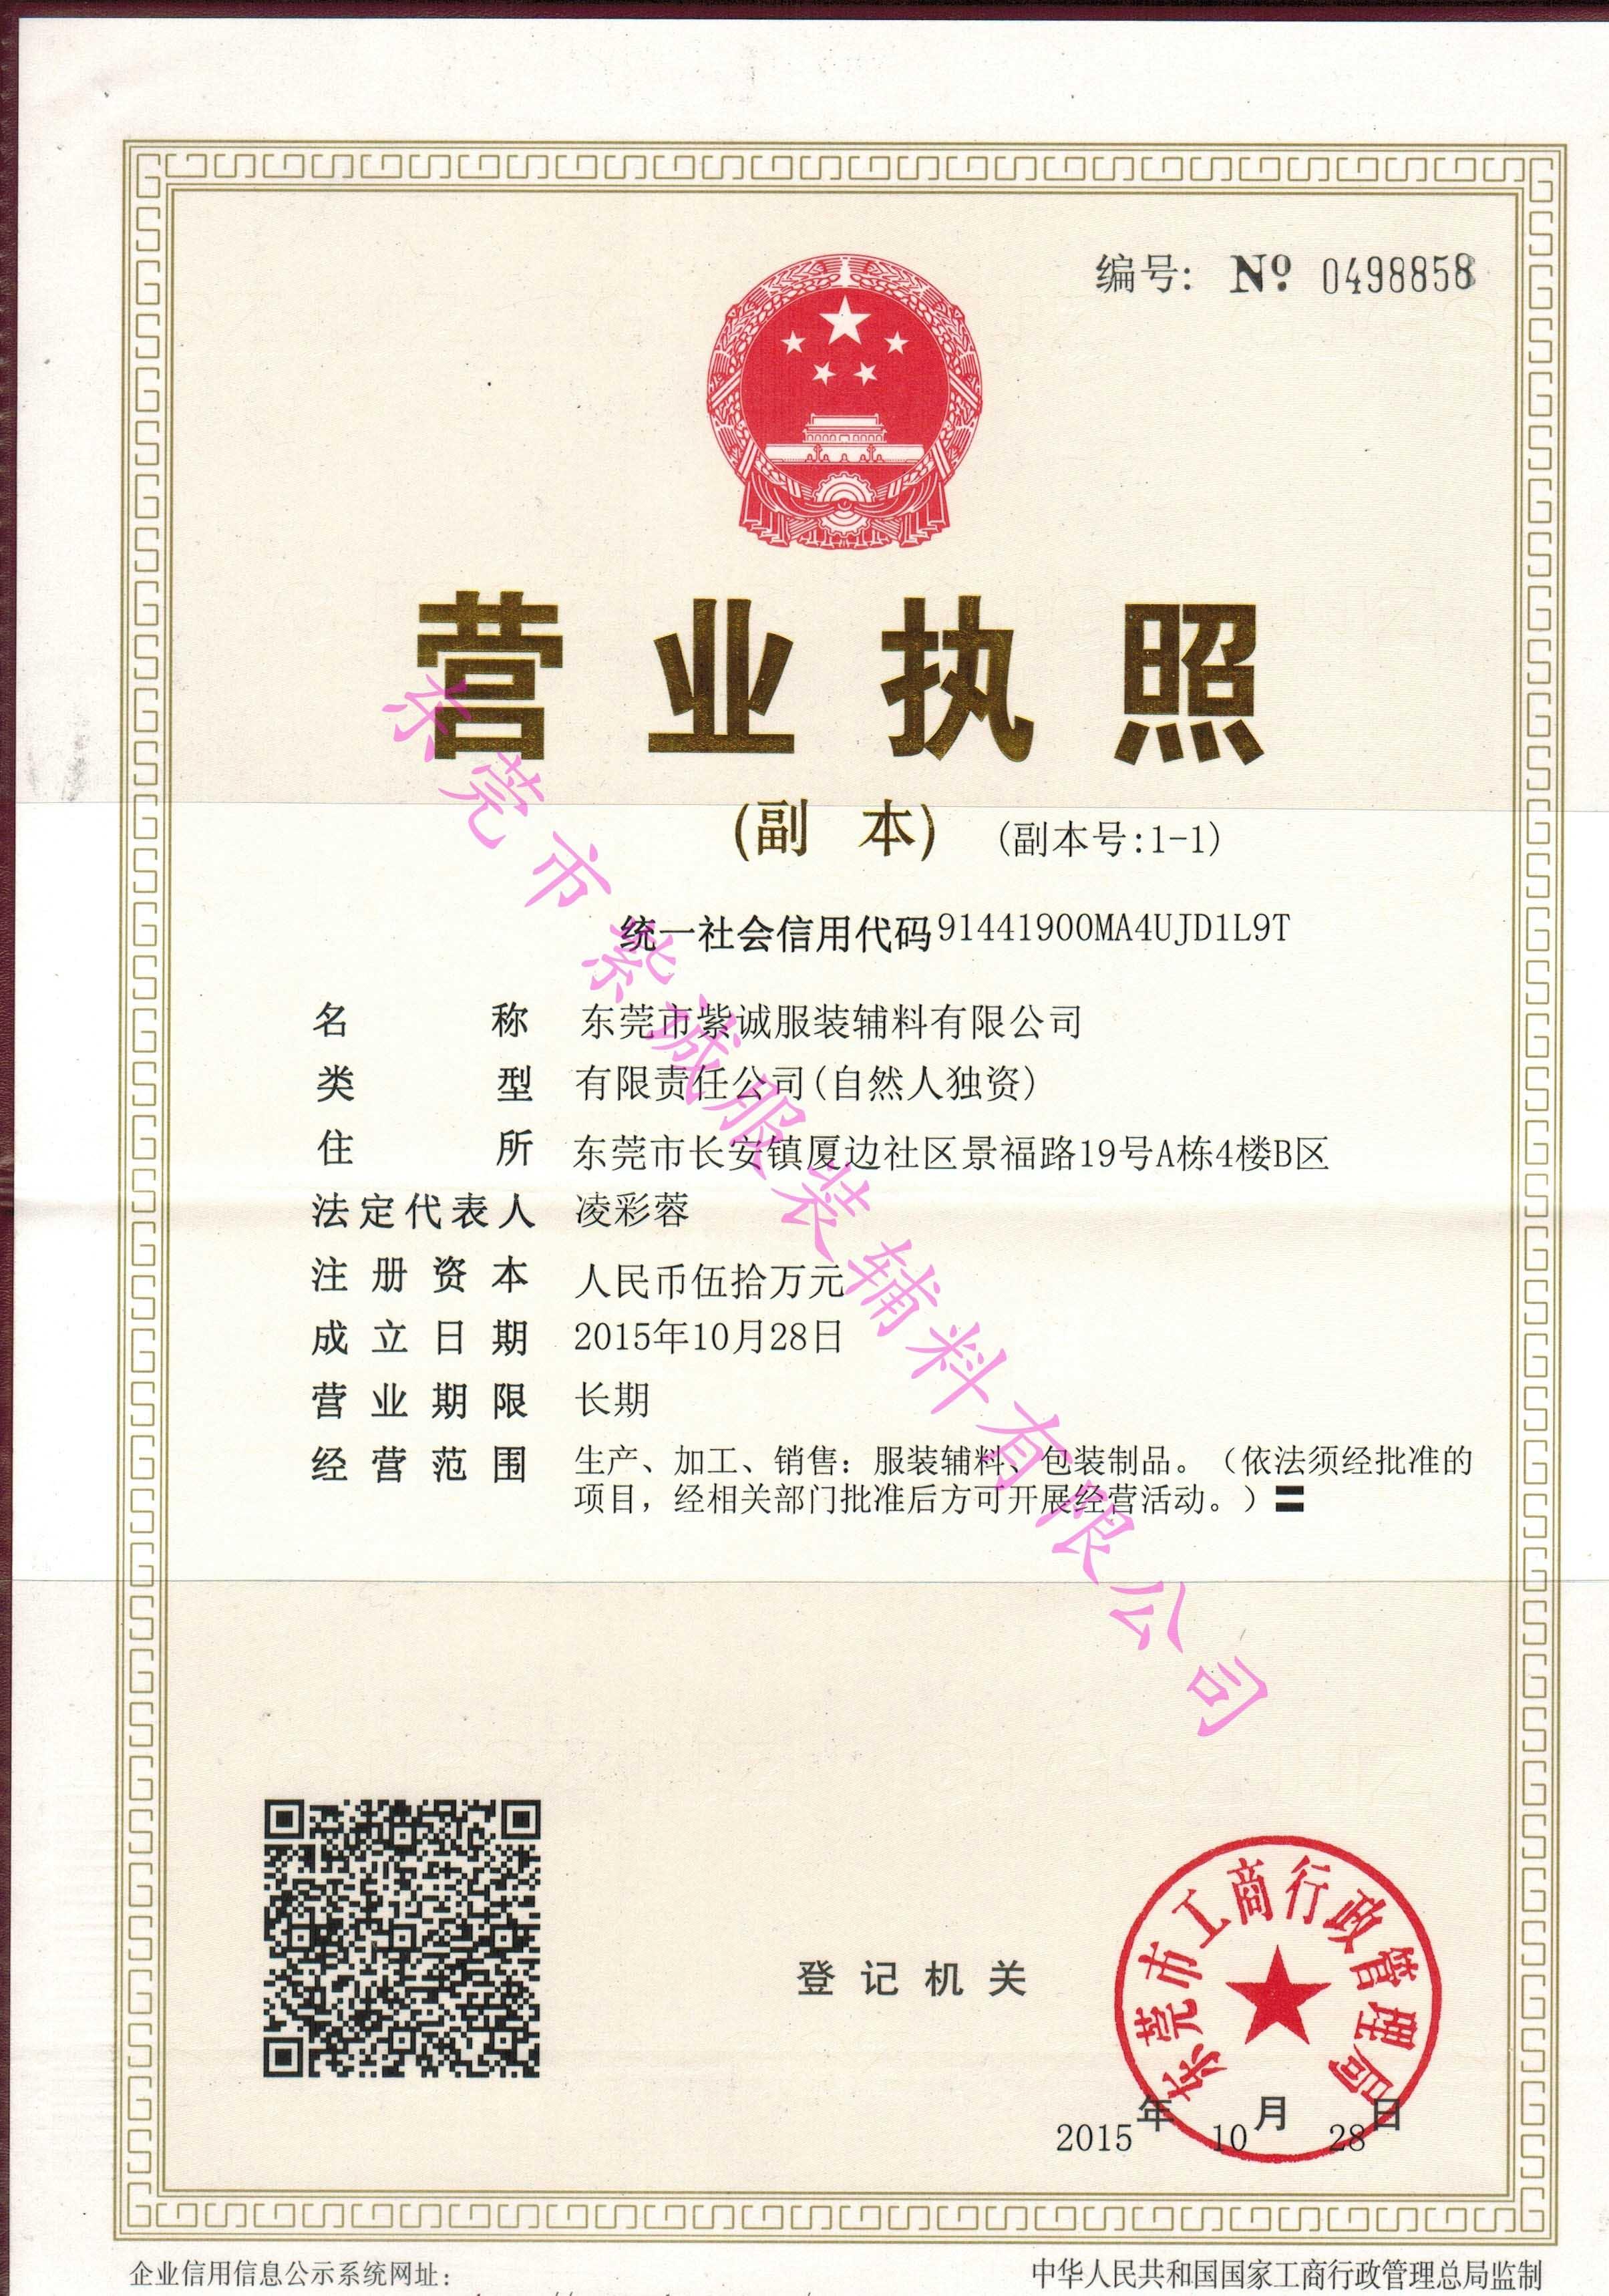 东莞市紫诚服装辅料有限公司企业档案